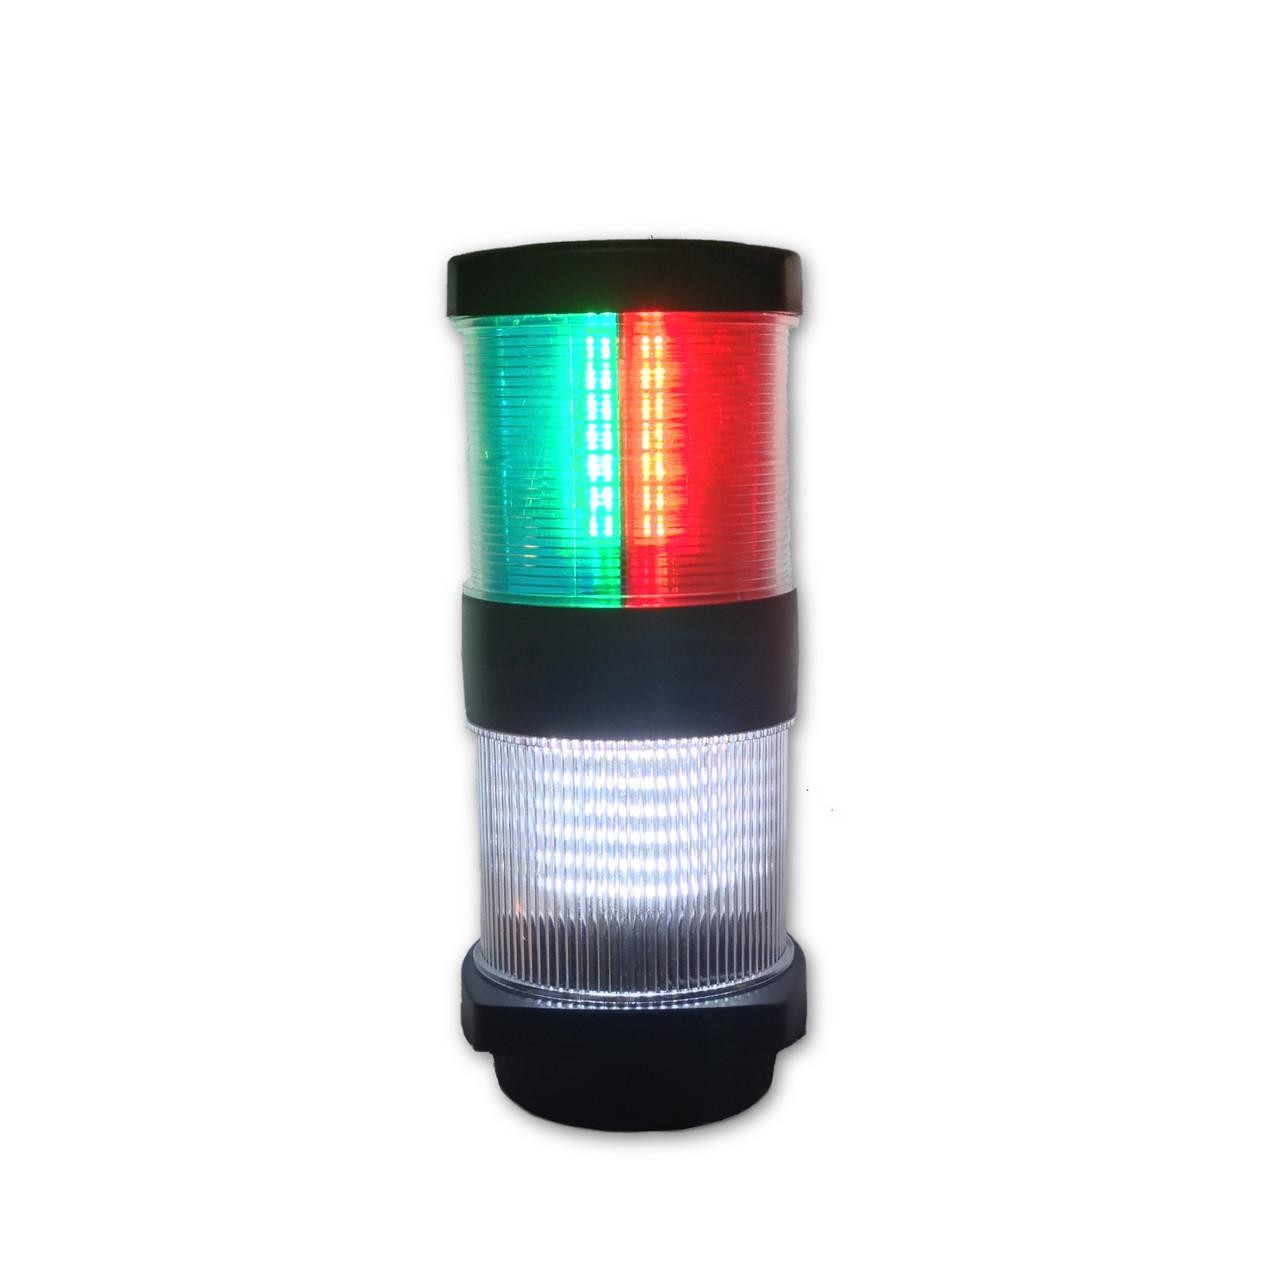 LED Tri-Color Navigation Lamp